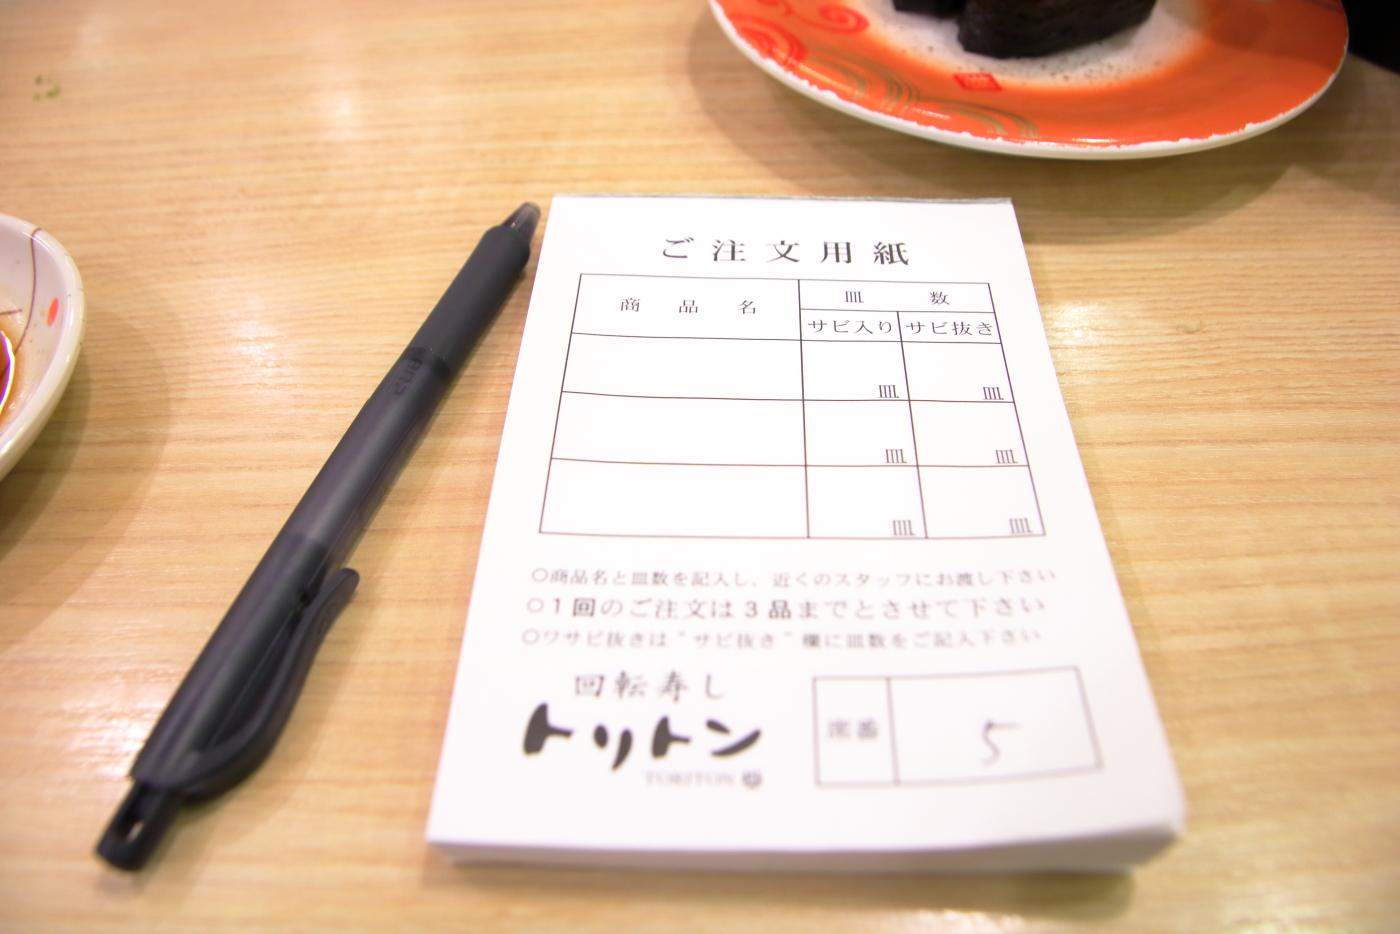 回転寿司トリトン 東京スカイツリータウン・ソラマチ店の注文用紙